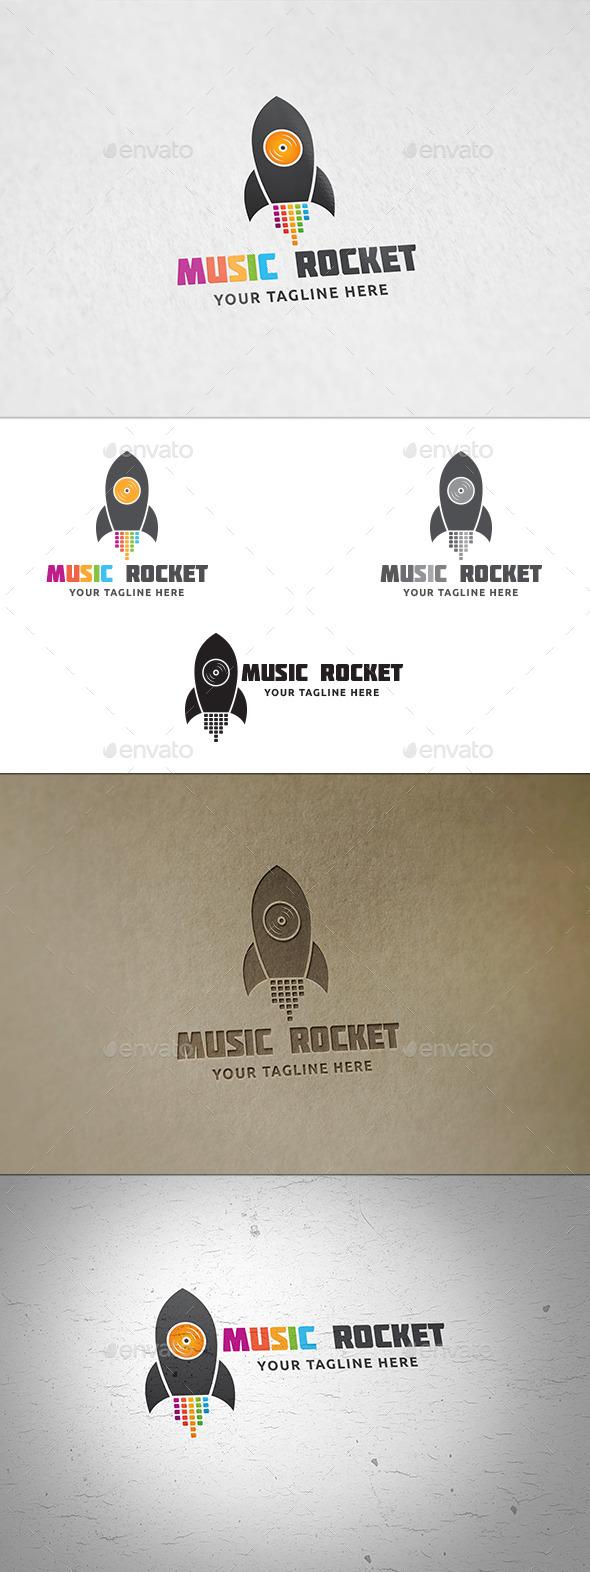 Music Rocket Logo